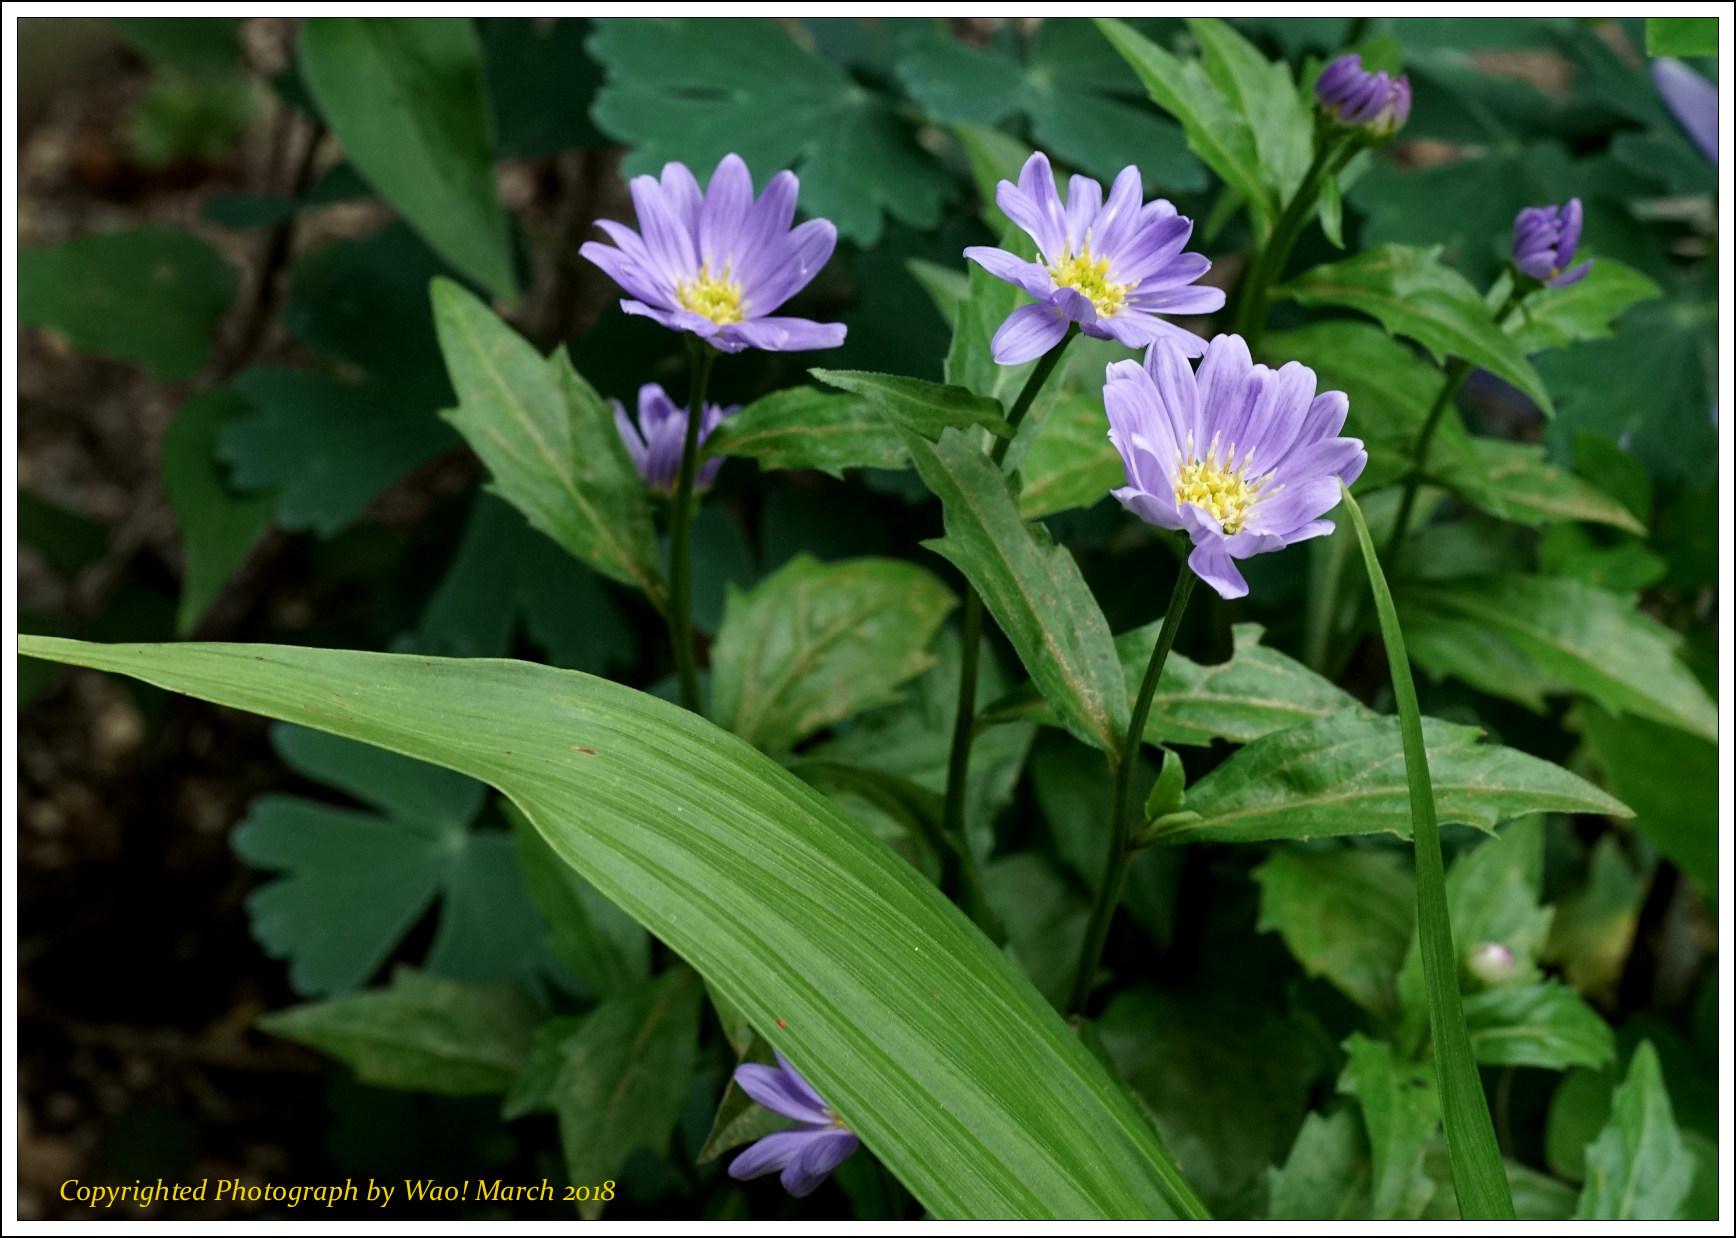 庭に咲く花 -1_c0198669_17443210.jpg